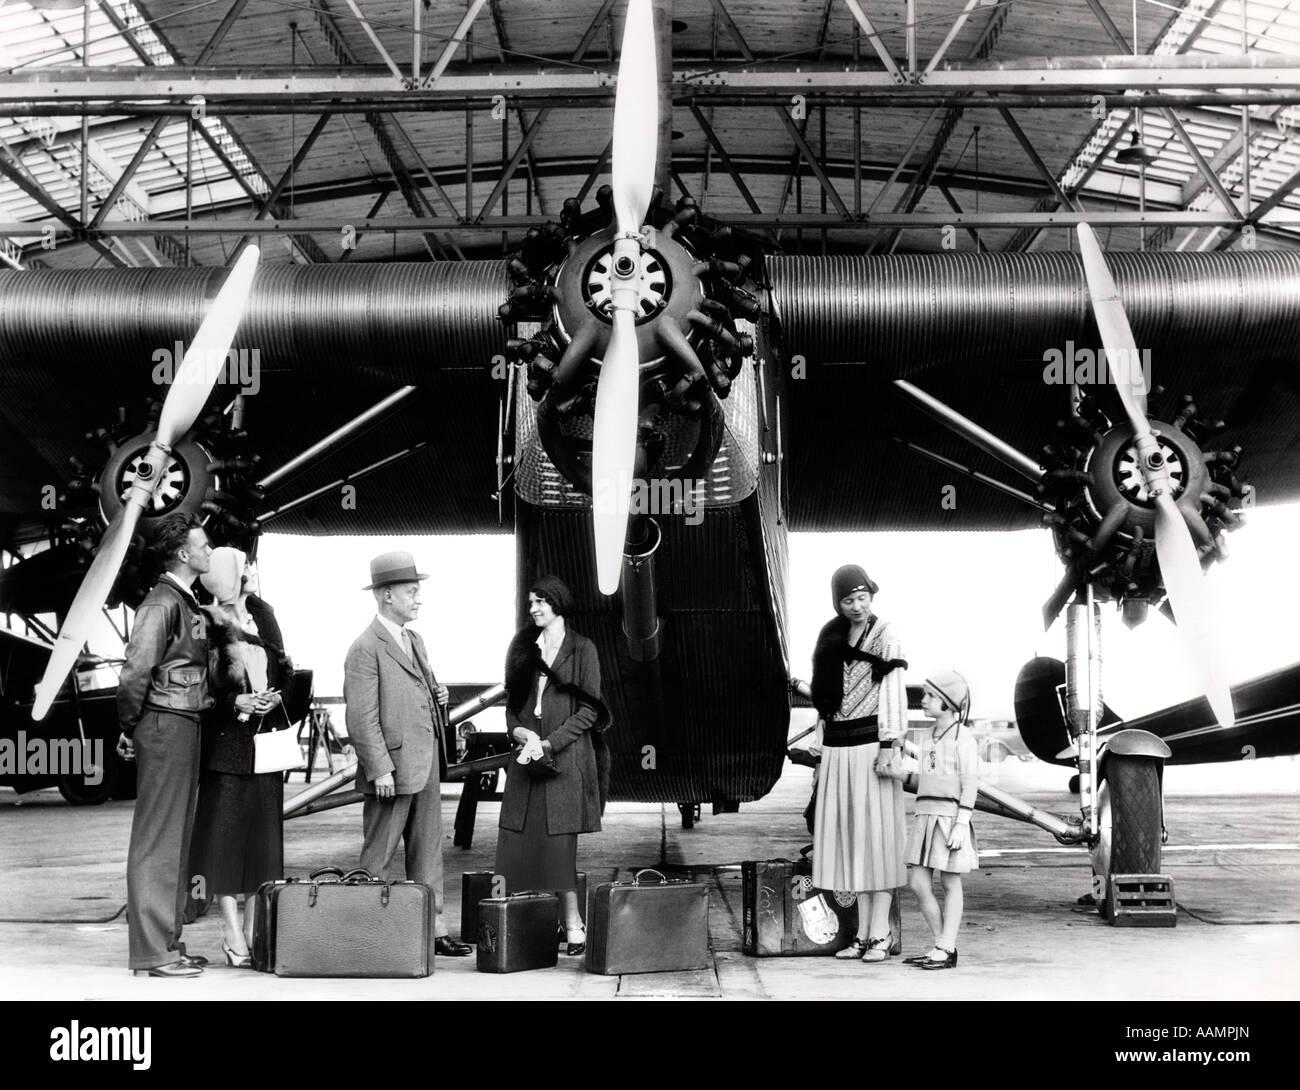 1920S 1930S GRUPPE PASSAGIERE WARTEN VOR DER FORD TRI-MOTOR FLUGZEUG Stockfoto